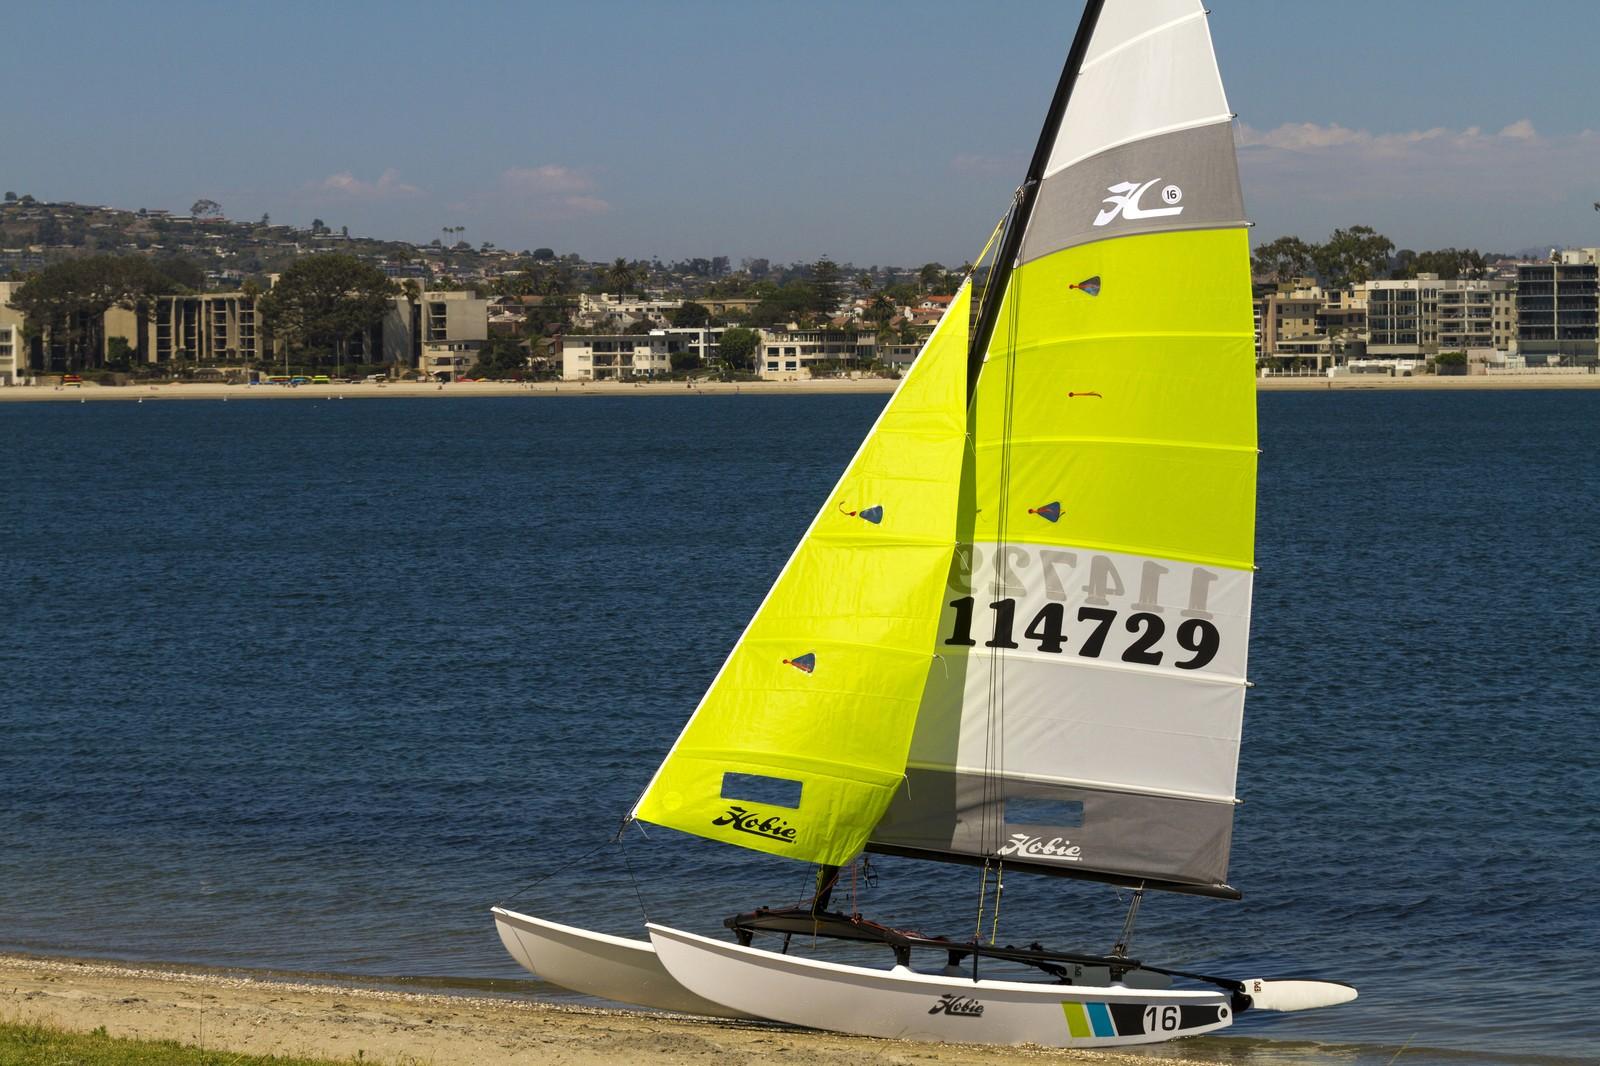 Hobie Cat 16 sailing in the sea